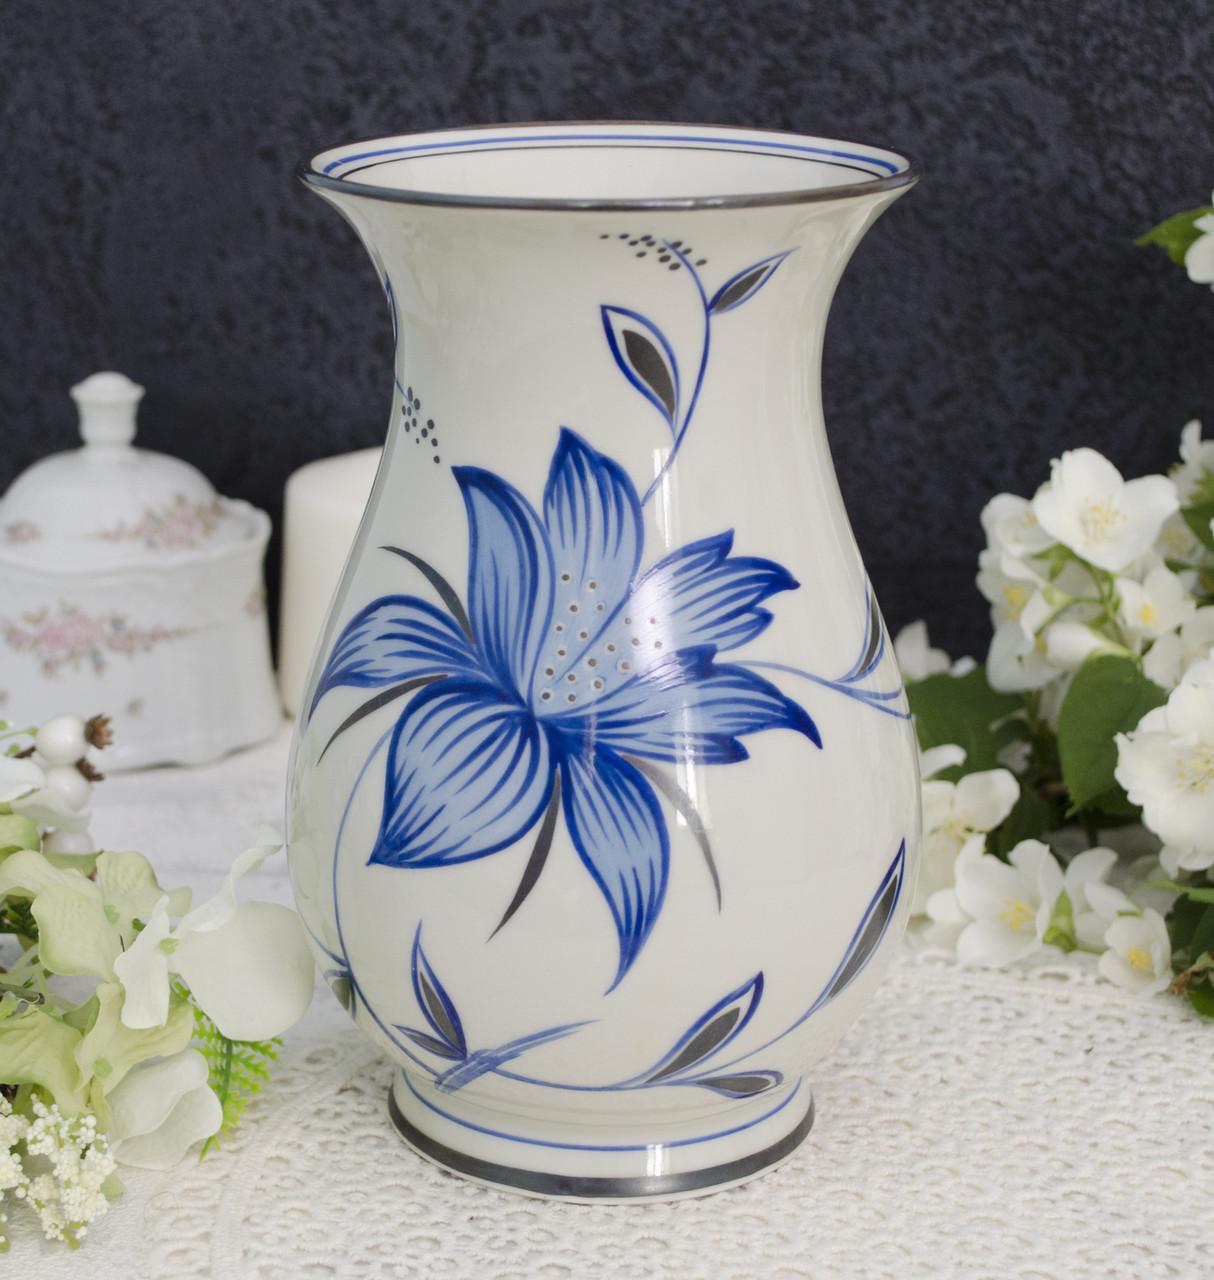 Старая фарфоровая ваза, Германия, Porzellanfabrik Schlottenhof, фарфор, Германия, Handgemalt